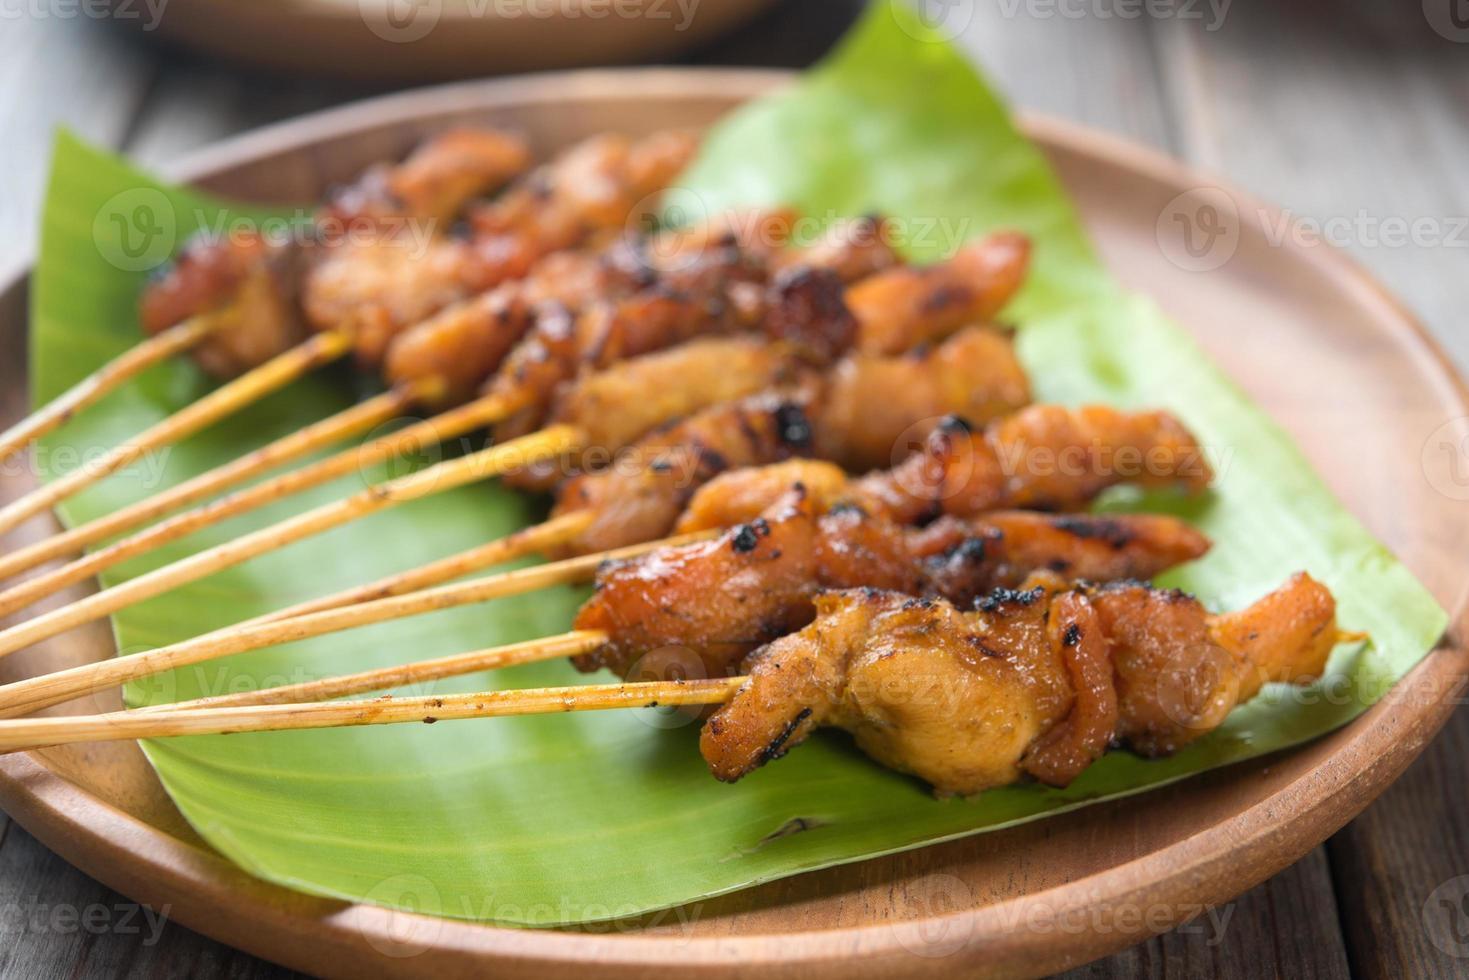 espetadas de frango asiático foto